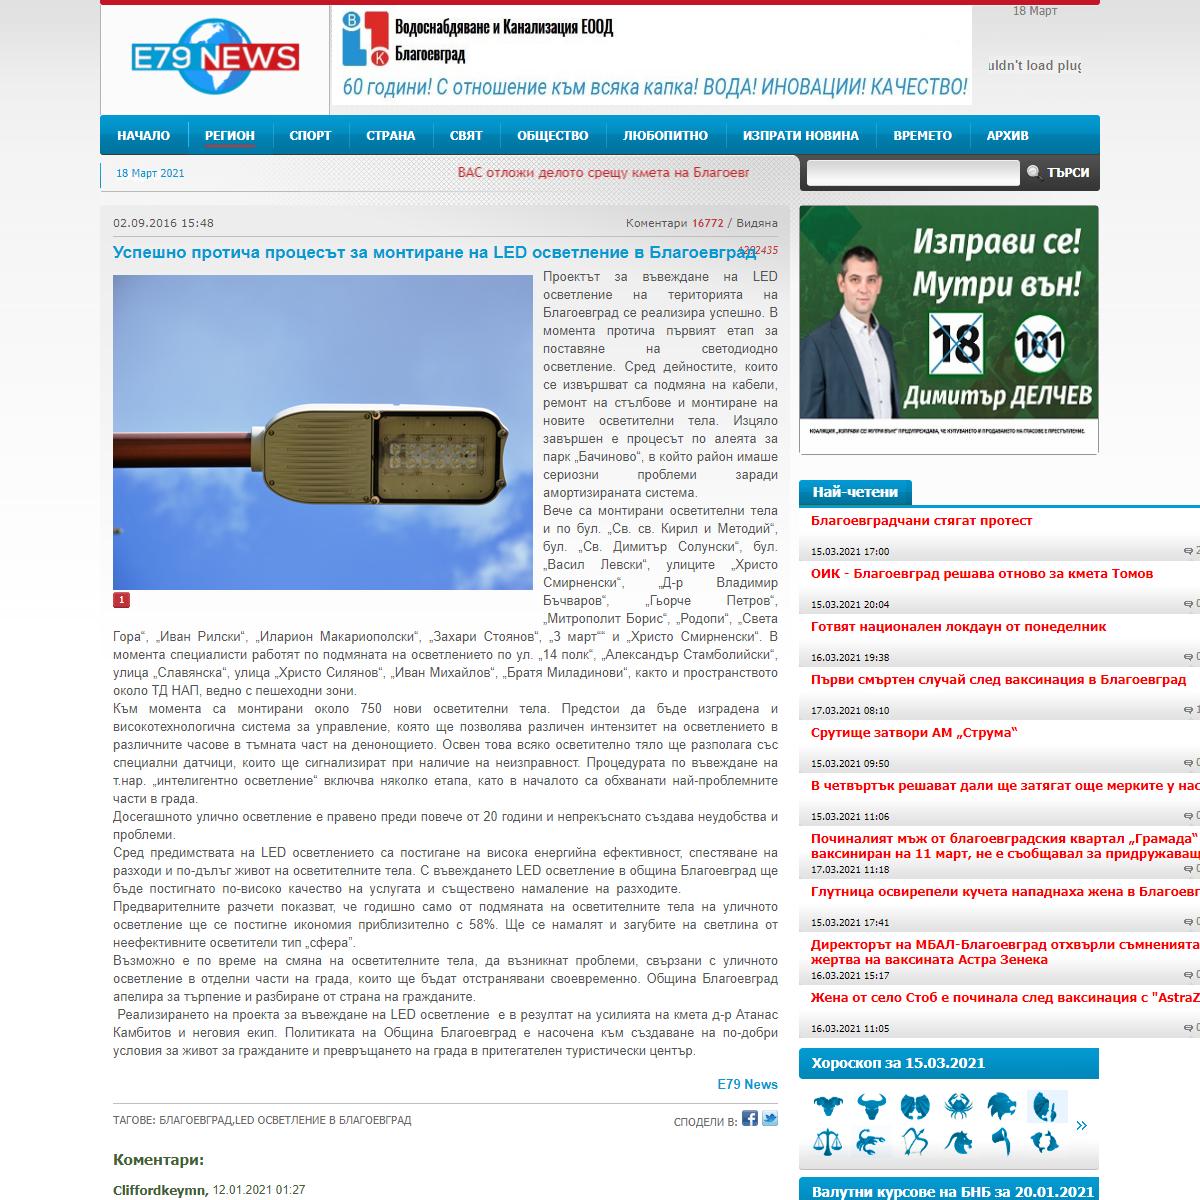 Успешно протича процесът за монтиране на LED осветление в Благоевград